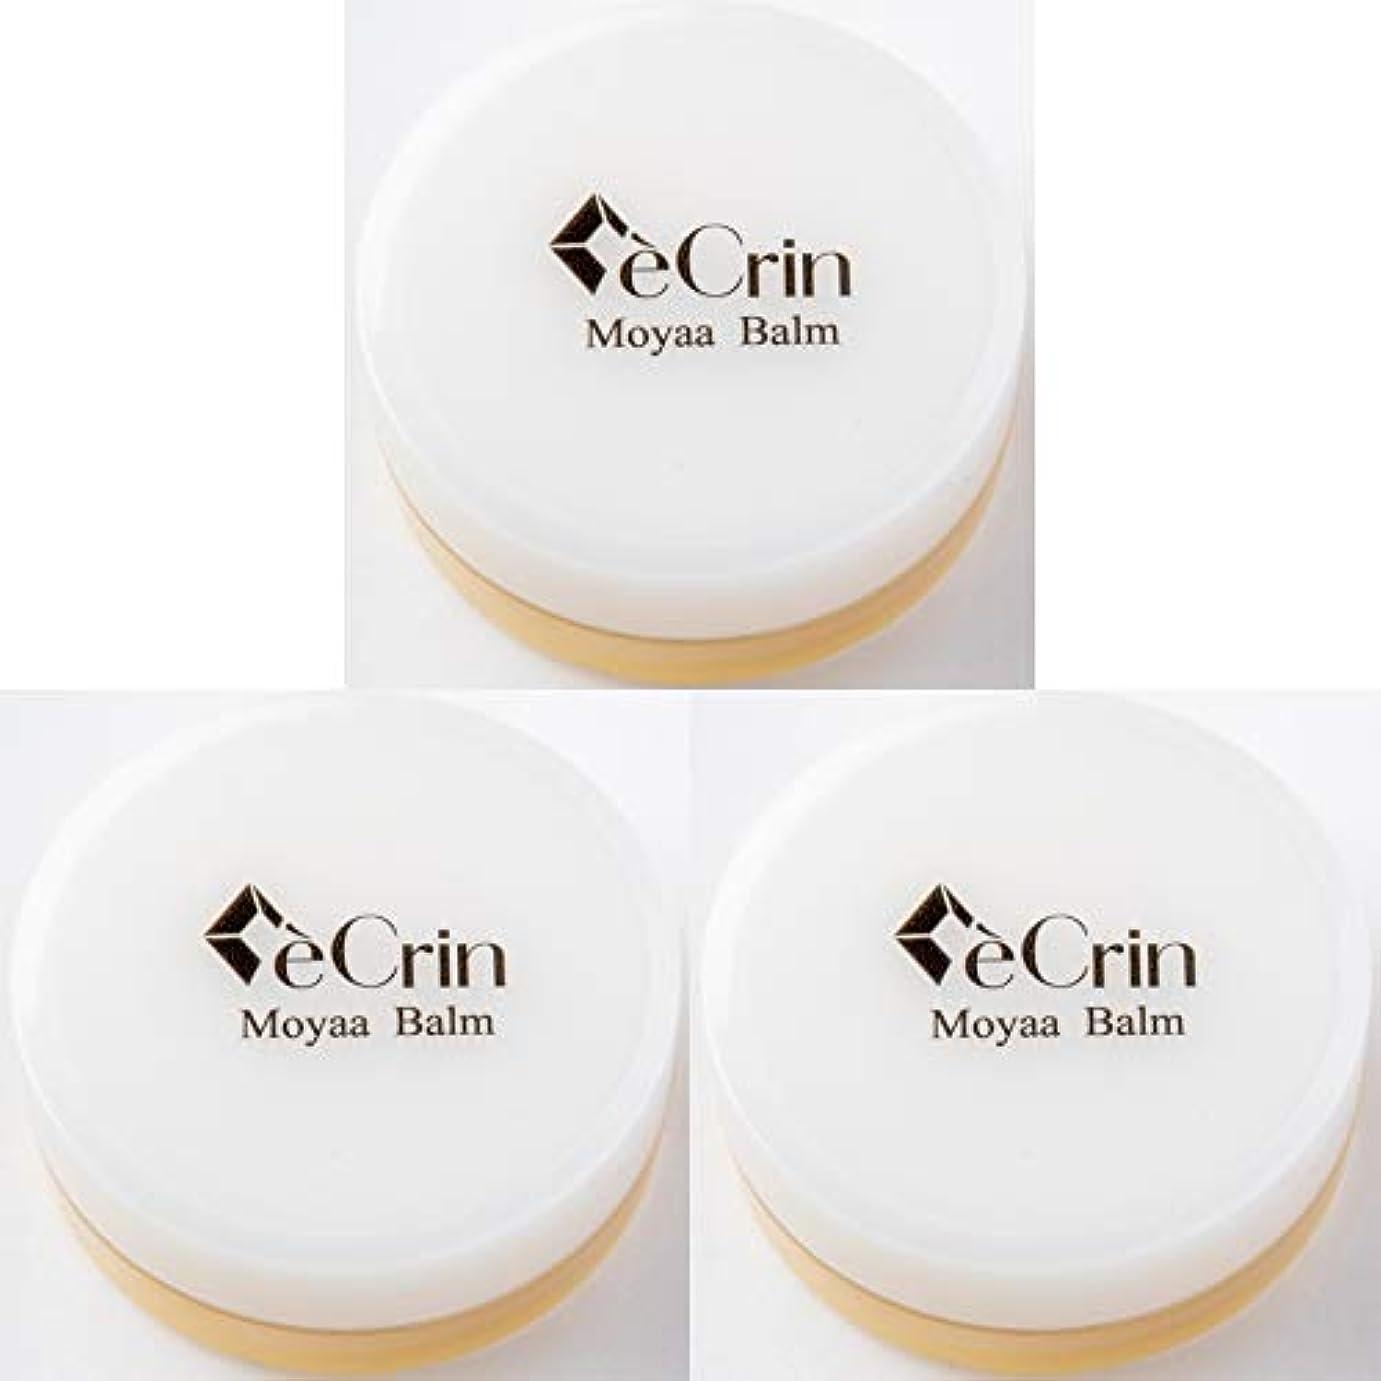 水平熱意航空会社Moyaa Balm (モーヤバーム)天然成分のみで仕上げたシアバター White 無添加 天然成分100% 3個セット